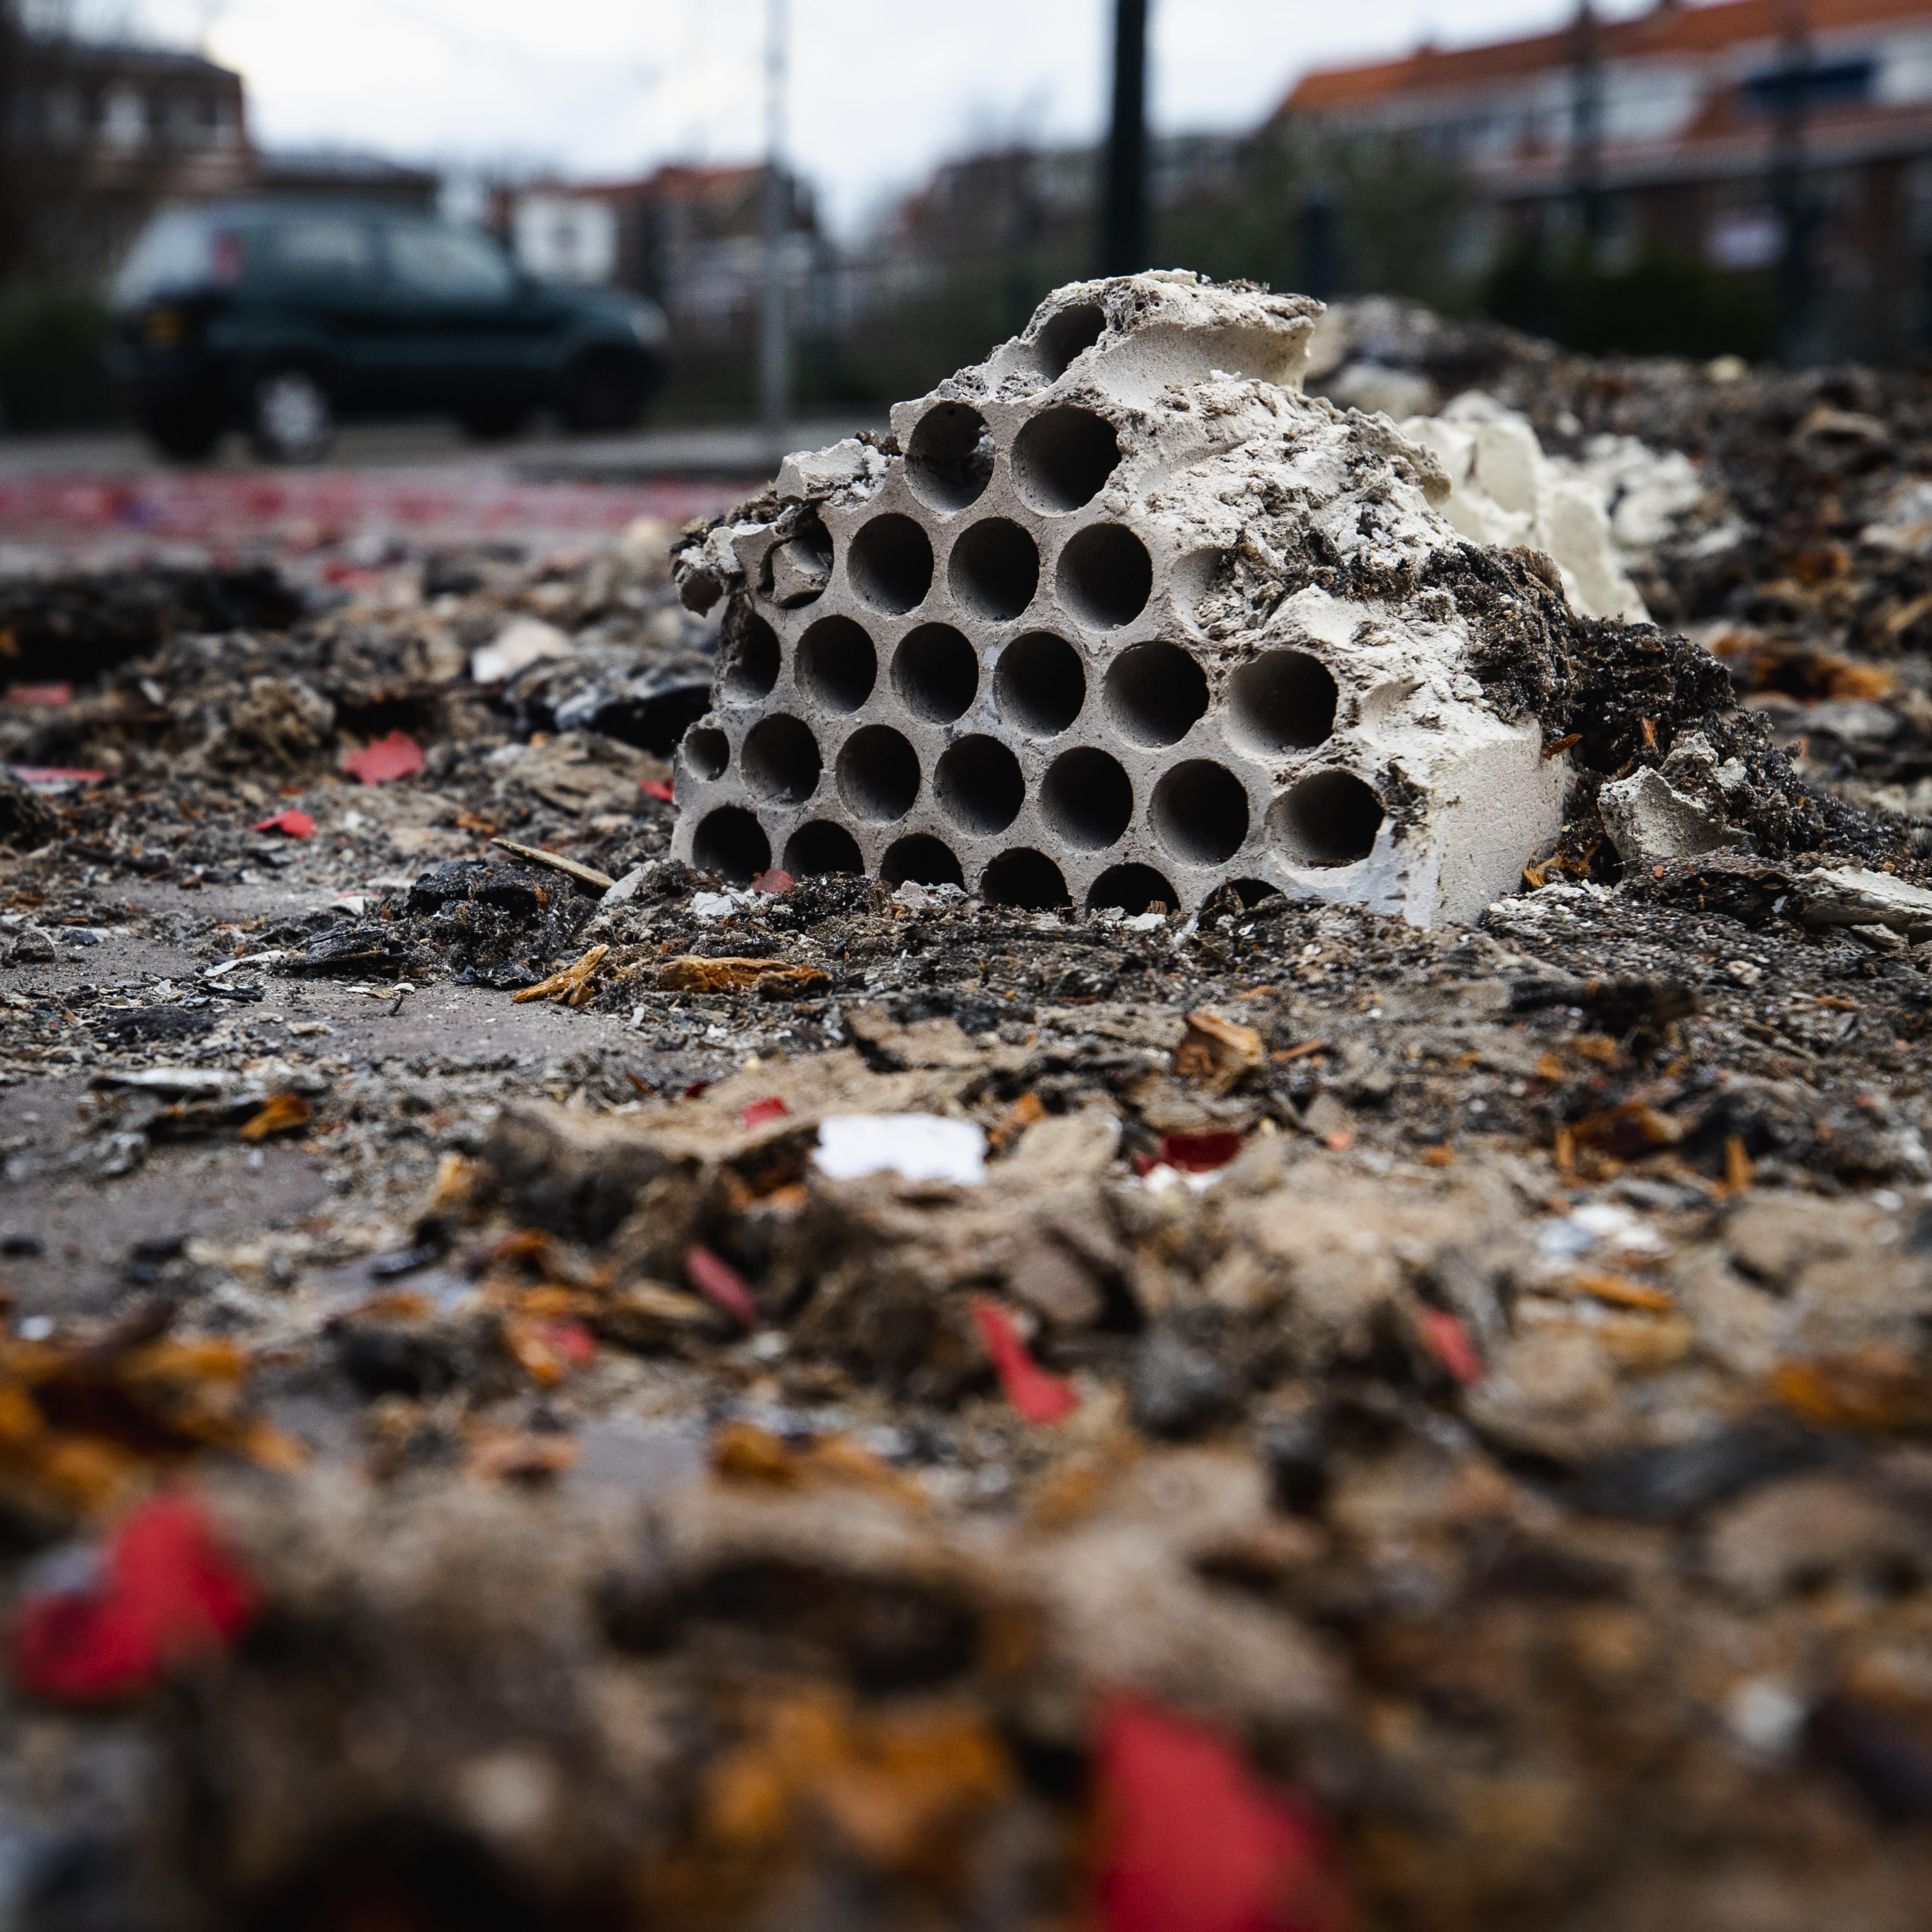 Burgemeester van Velsen diep geschokt door 'onuitwisbare gevolgen' van vuurwerkongeluk en familiedrama in Velserbroek [video]